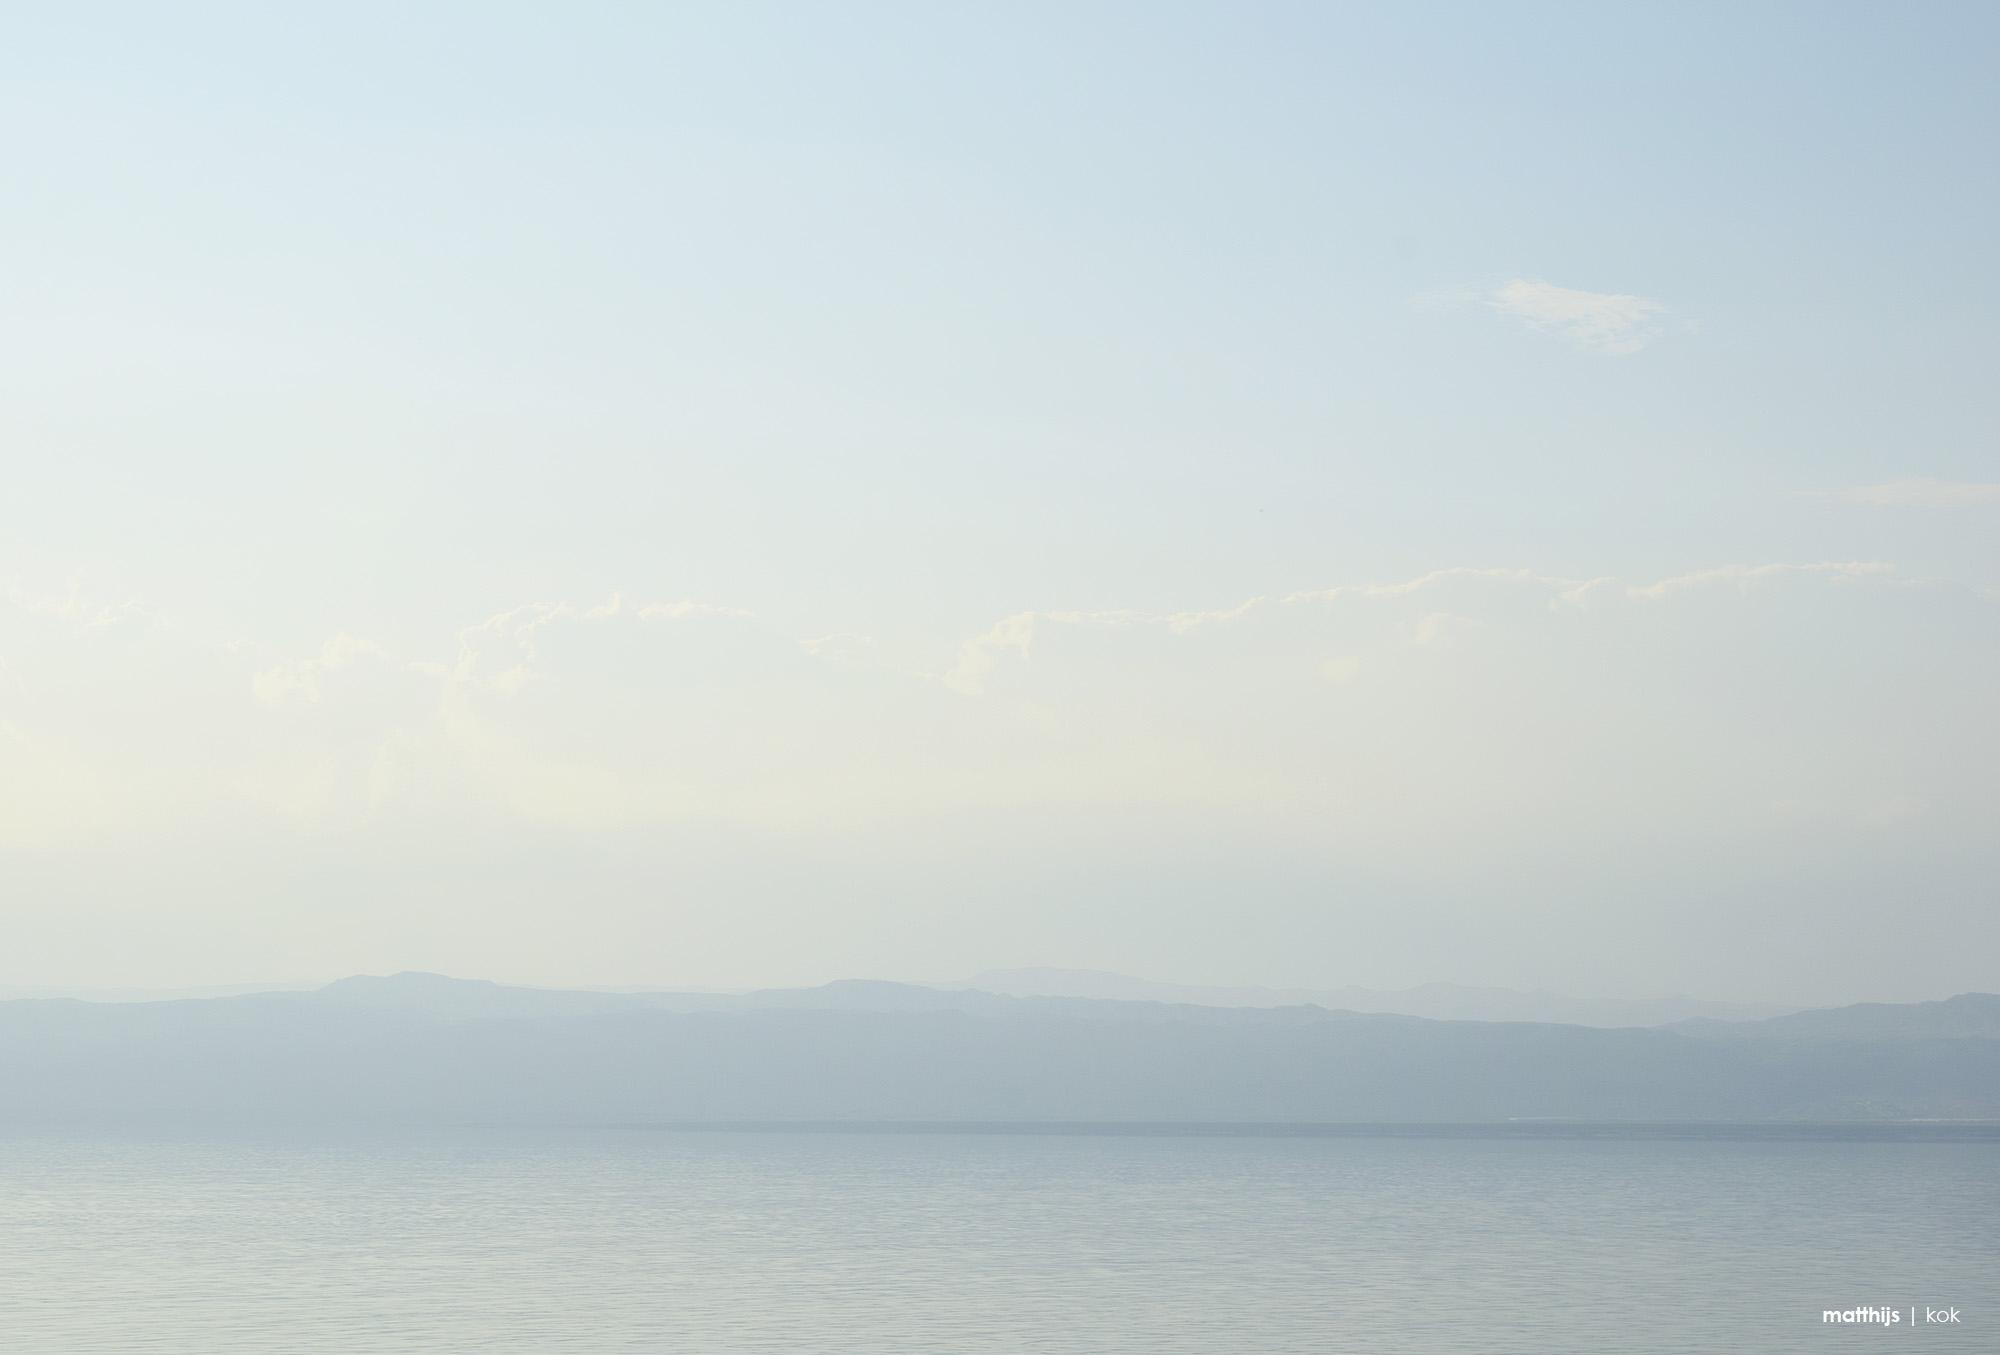 Dead Sea, Jordan | Photo by Matthijs Kok